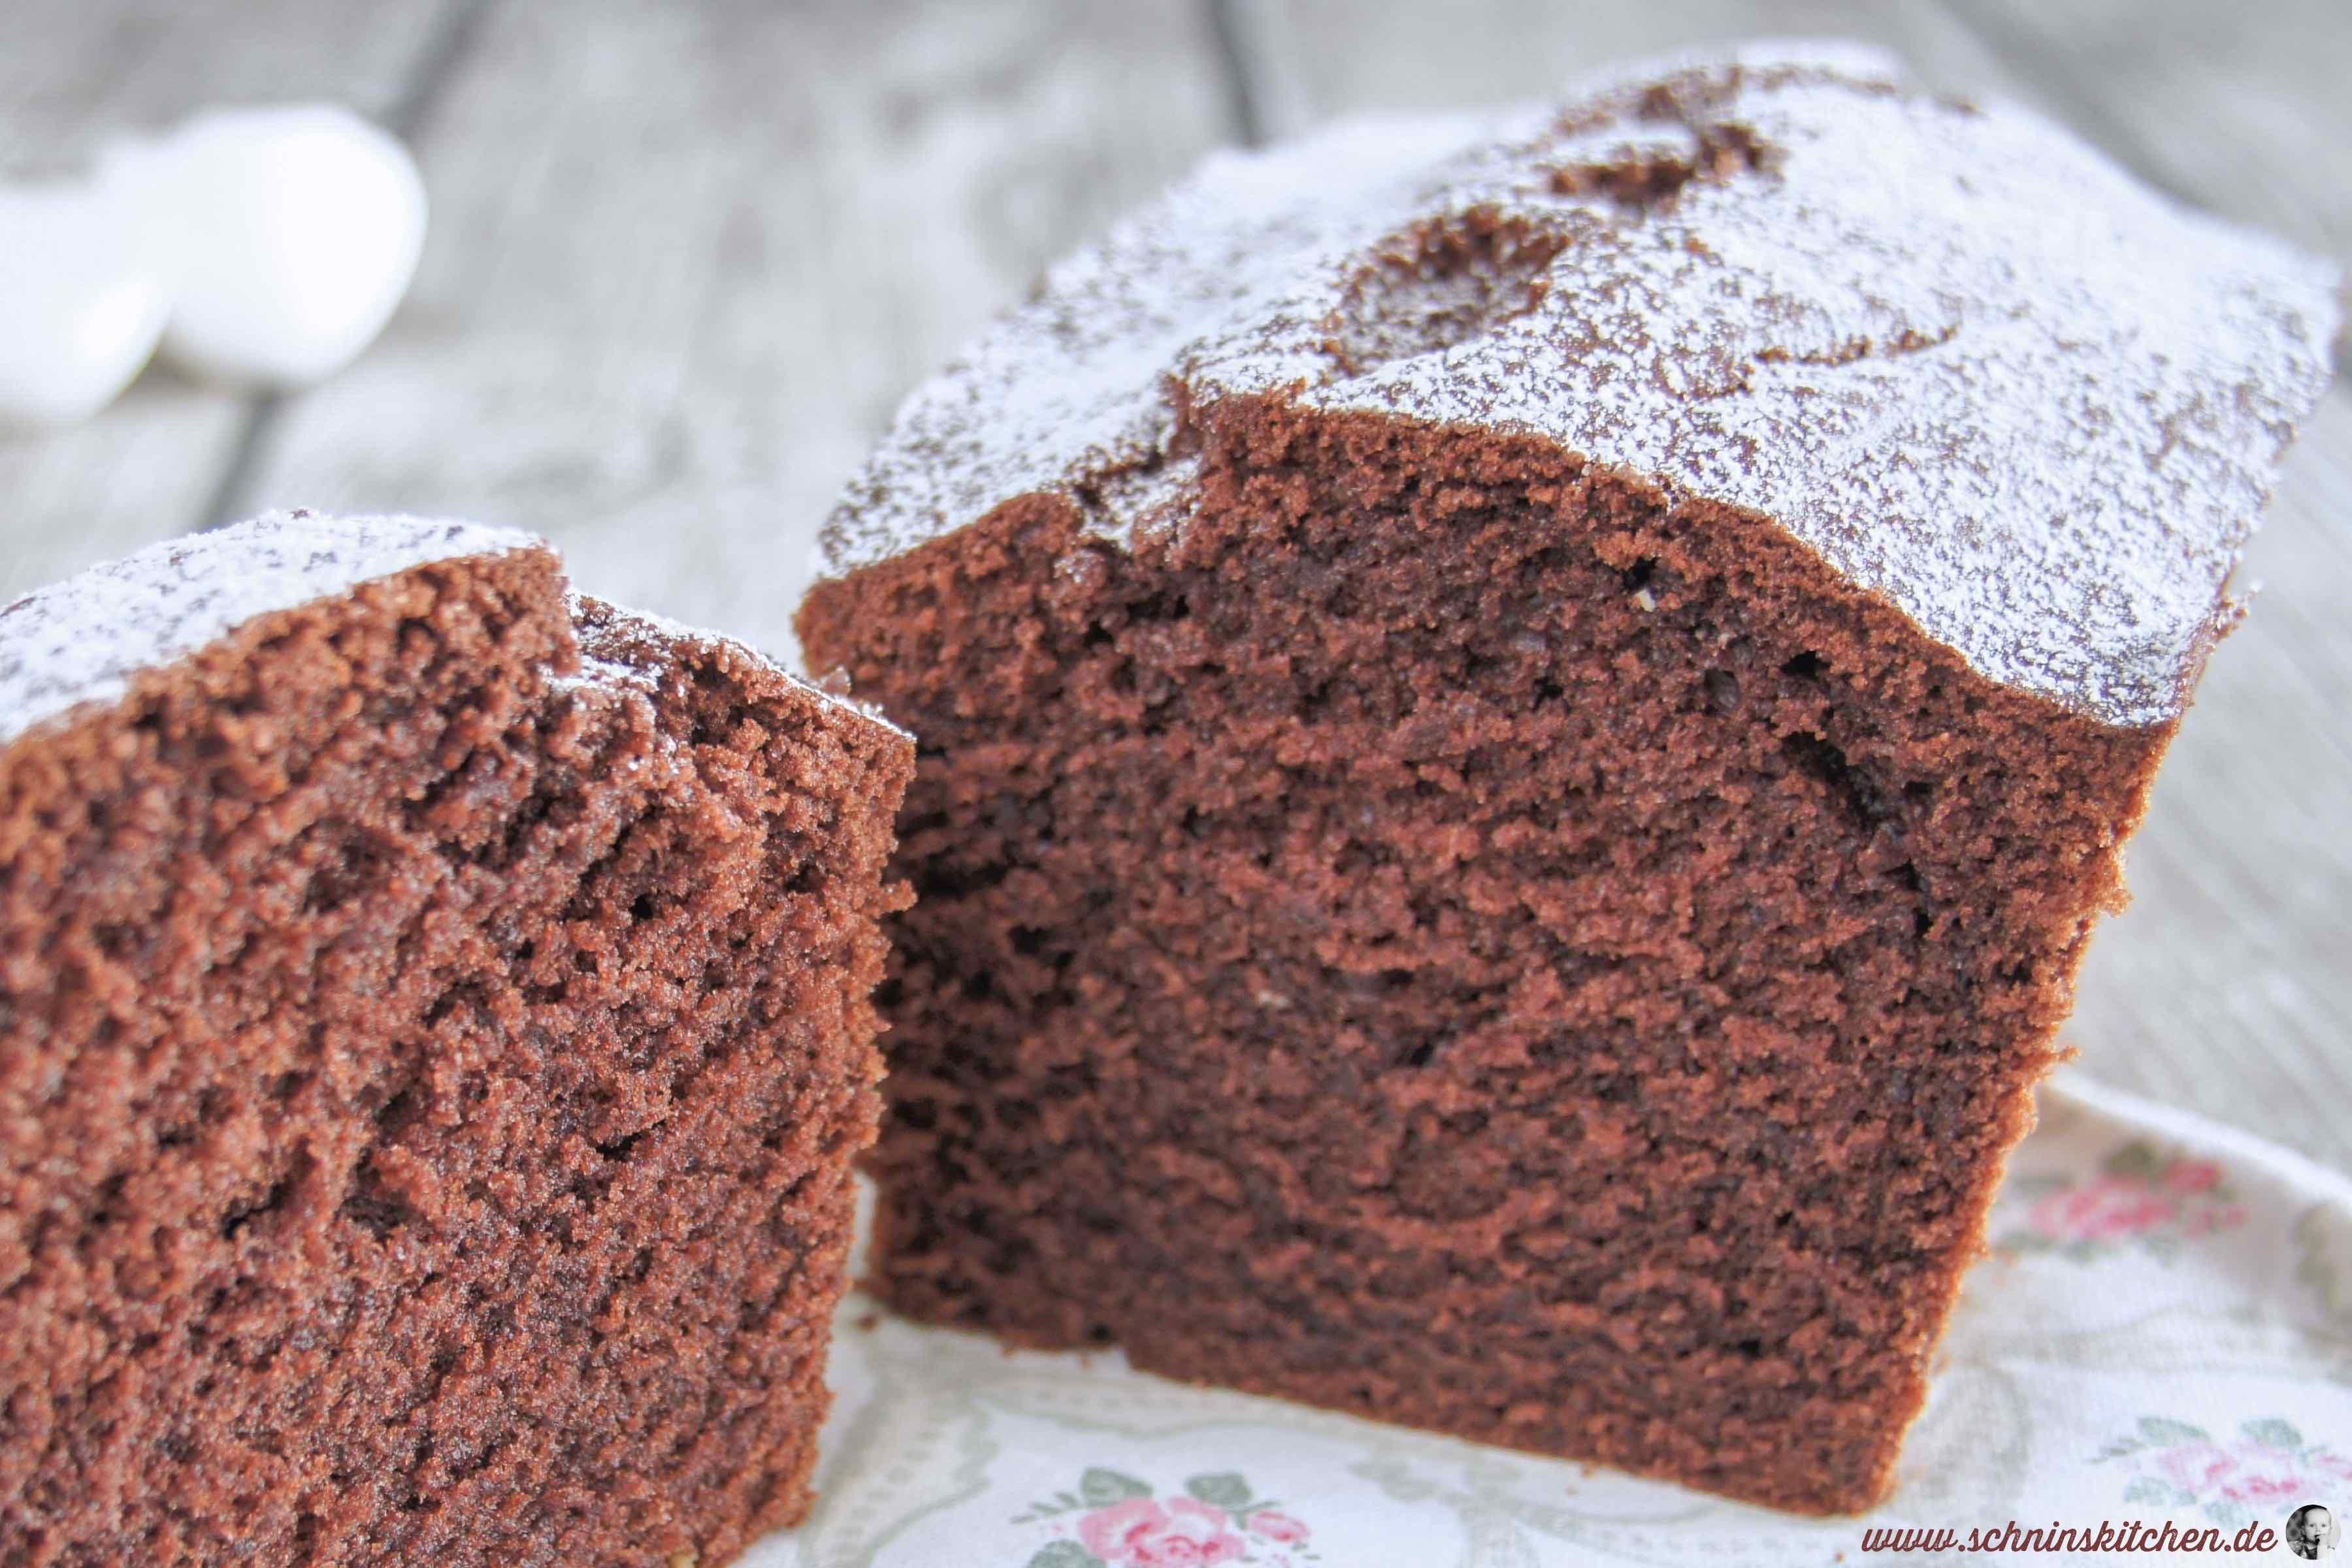 Klassischer Schokoladenkuchen | www.schninskitchen.de